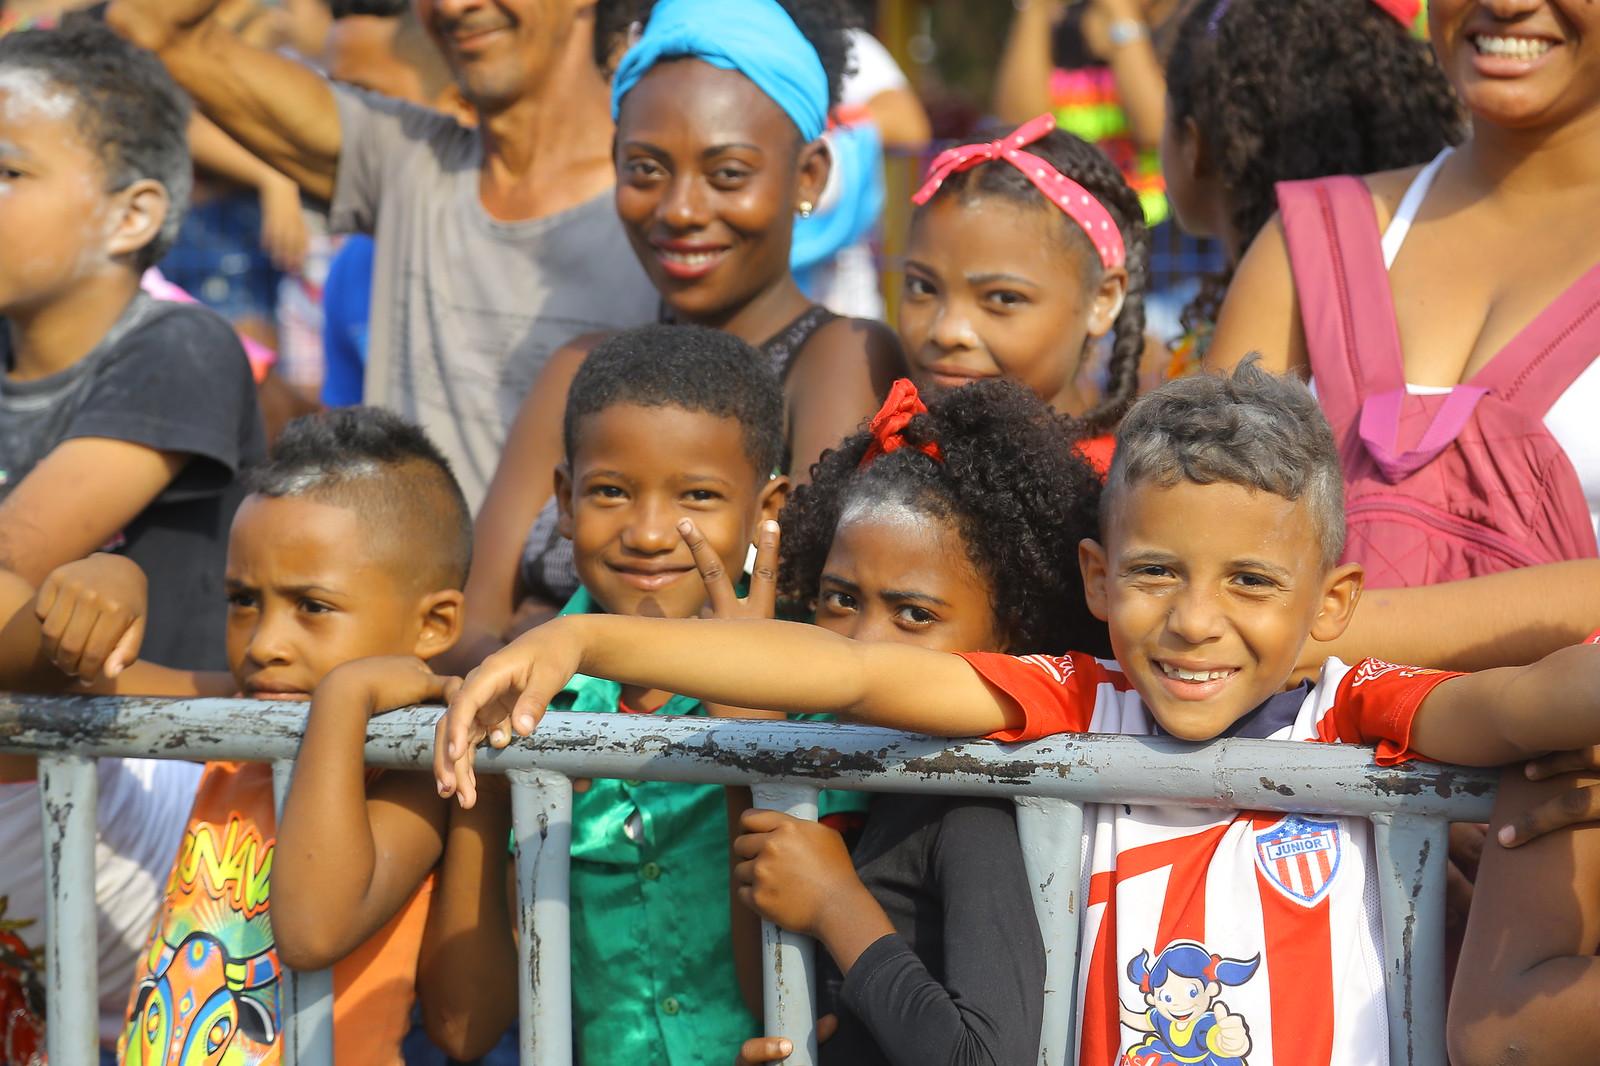 Reporteratón en Carnaval del Suroccidente